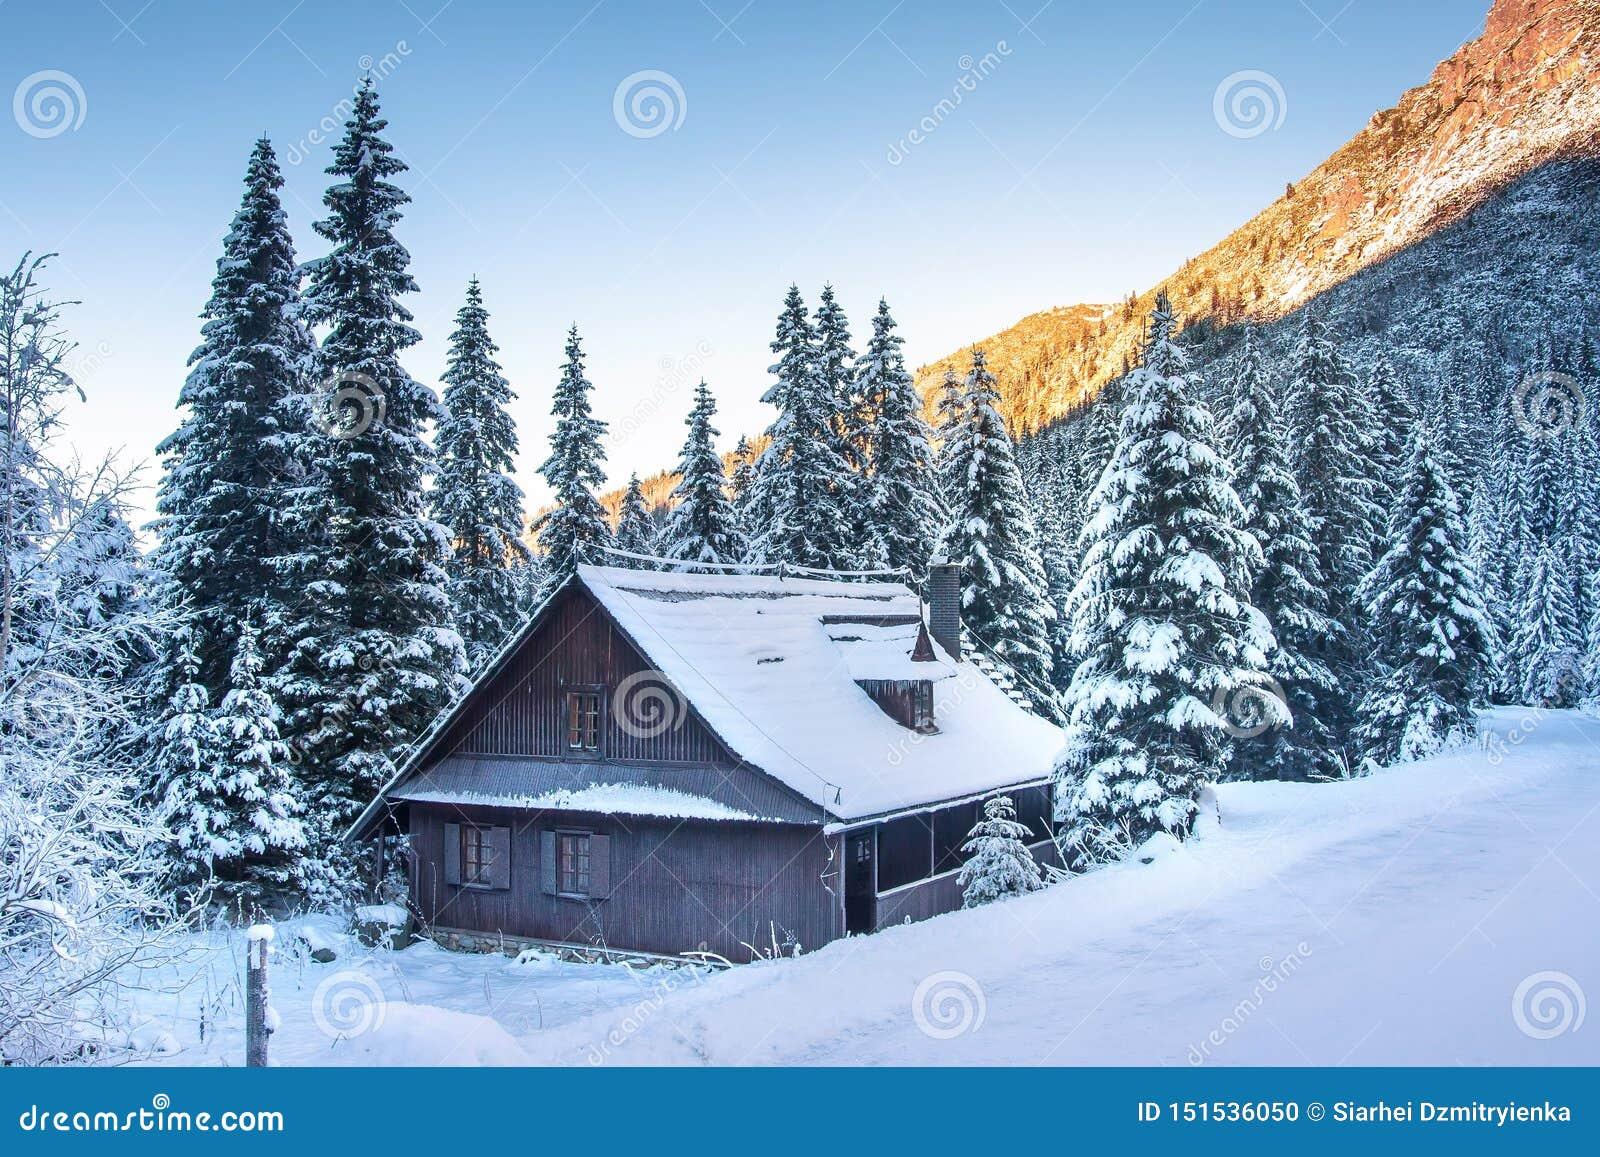 Χειμώνας : Παγωμένο τοπίο βουνών Όμορφη χειμερινή σκηνή με το ξύλινο σπίτι στα βουνά Tatra